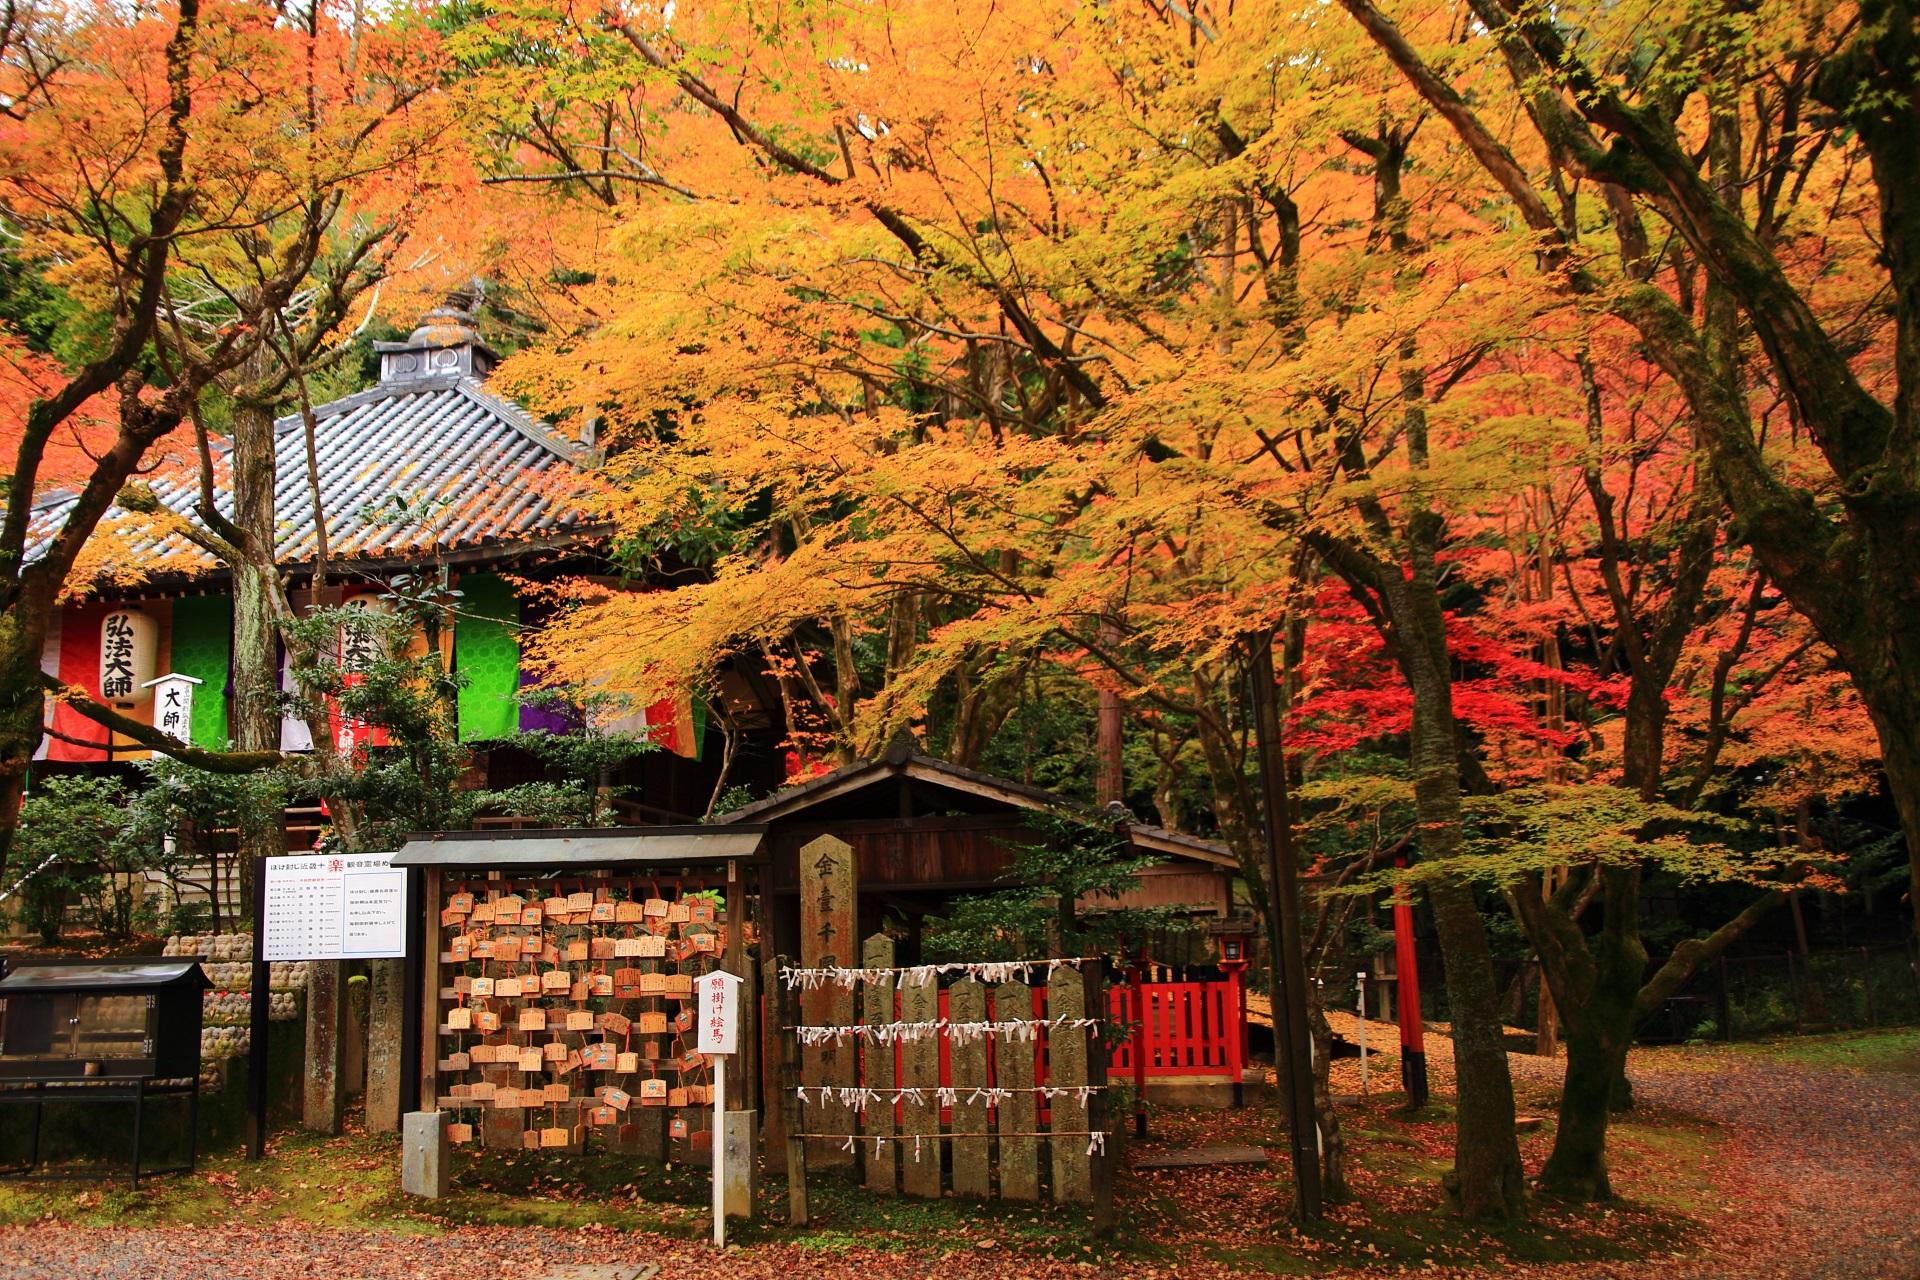 深い秋色につつまれて佇む大師堂や稲荷社や熊野権現社